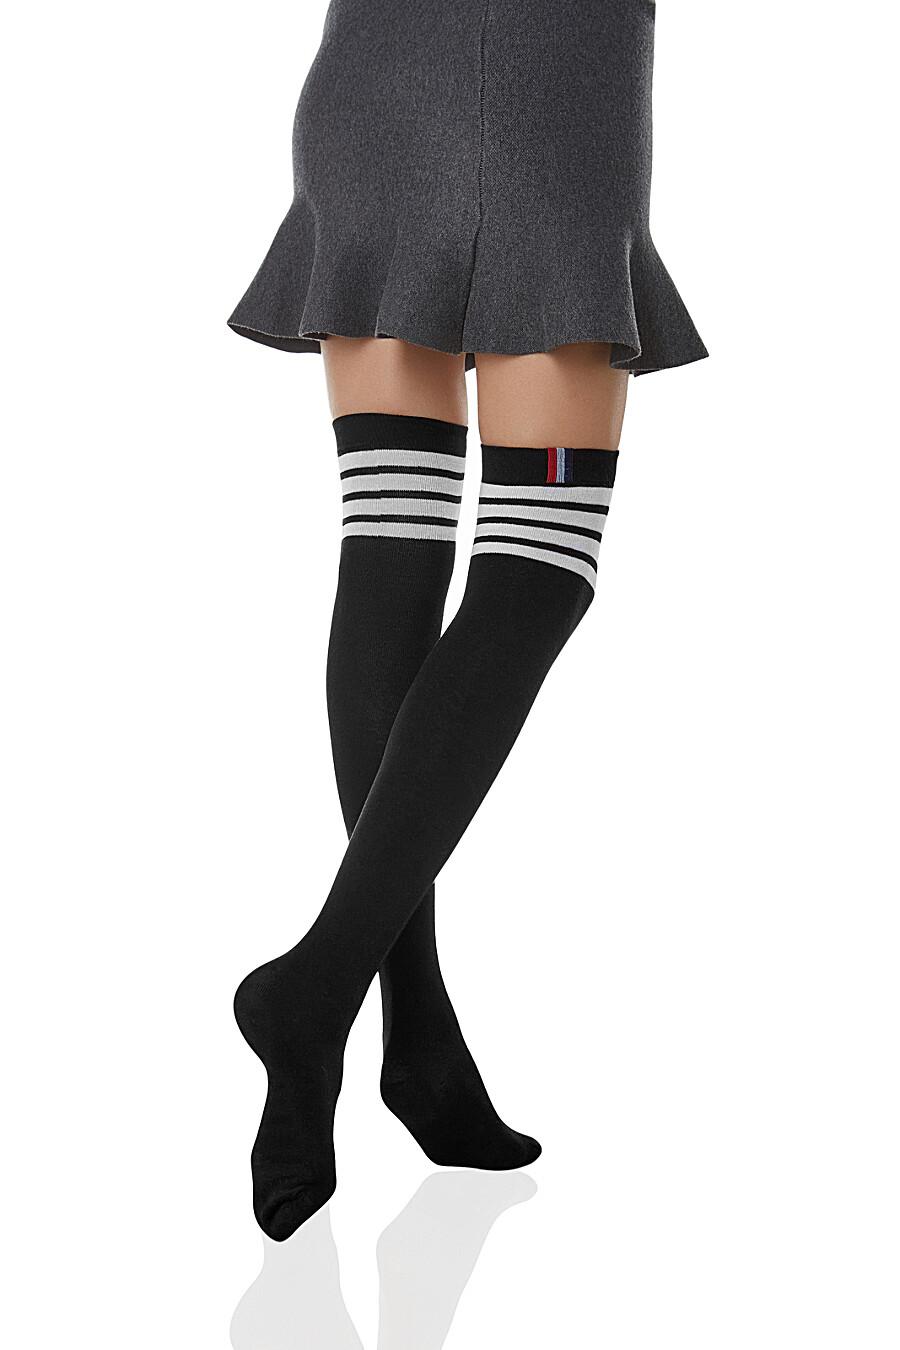 """Гольфы-чулки """"В ритме танго"""" для женщин LE CABARET 204920 купить оптом от производителя. Совместная покупка женской одежды в OptMoyo"""